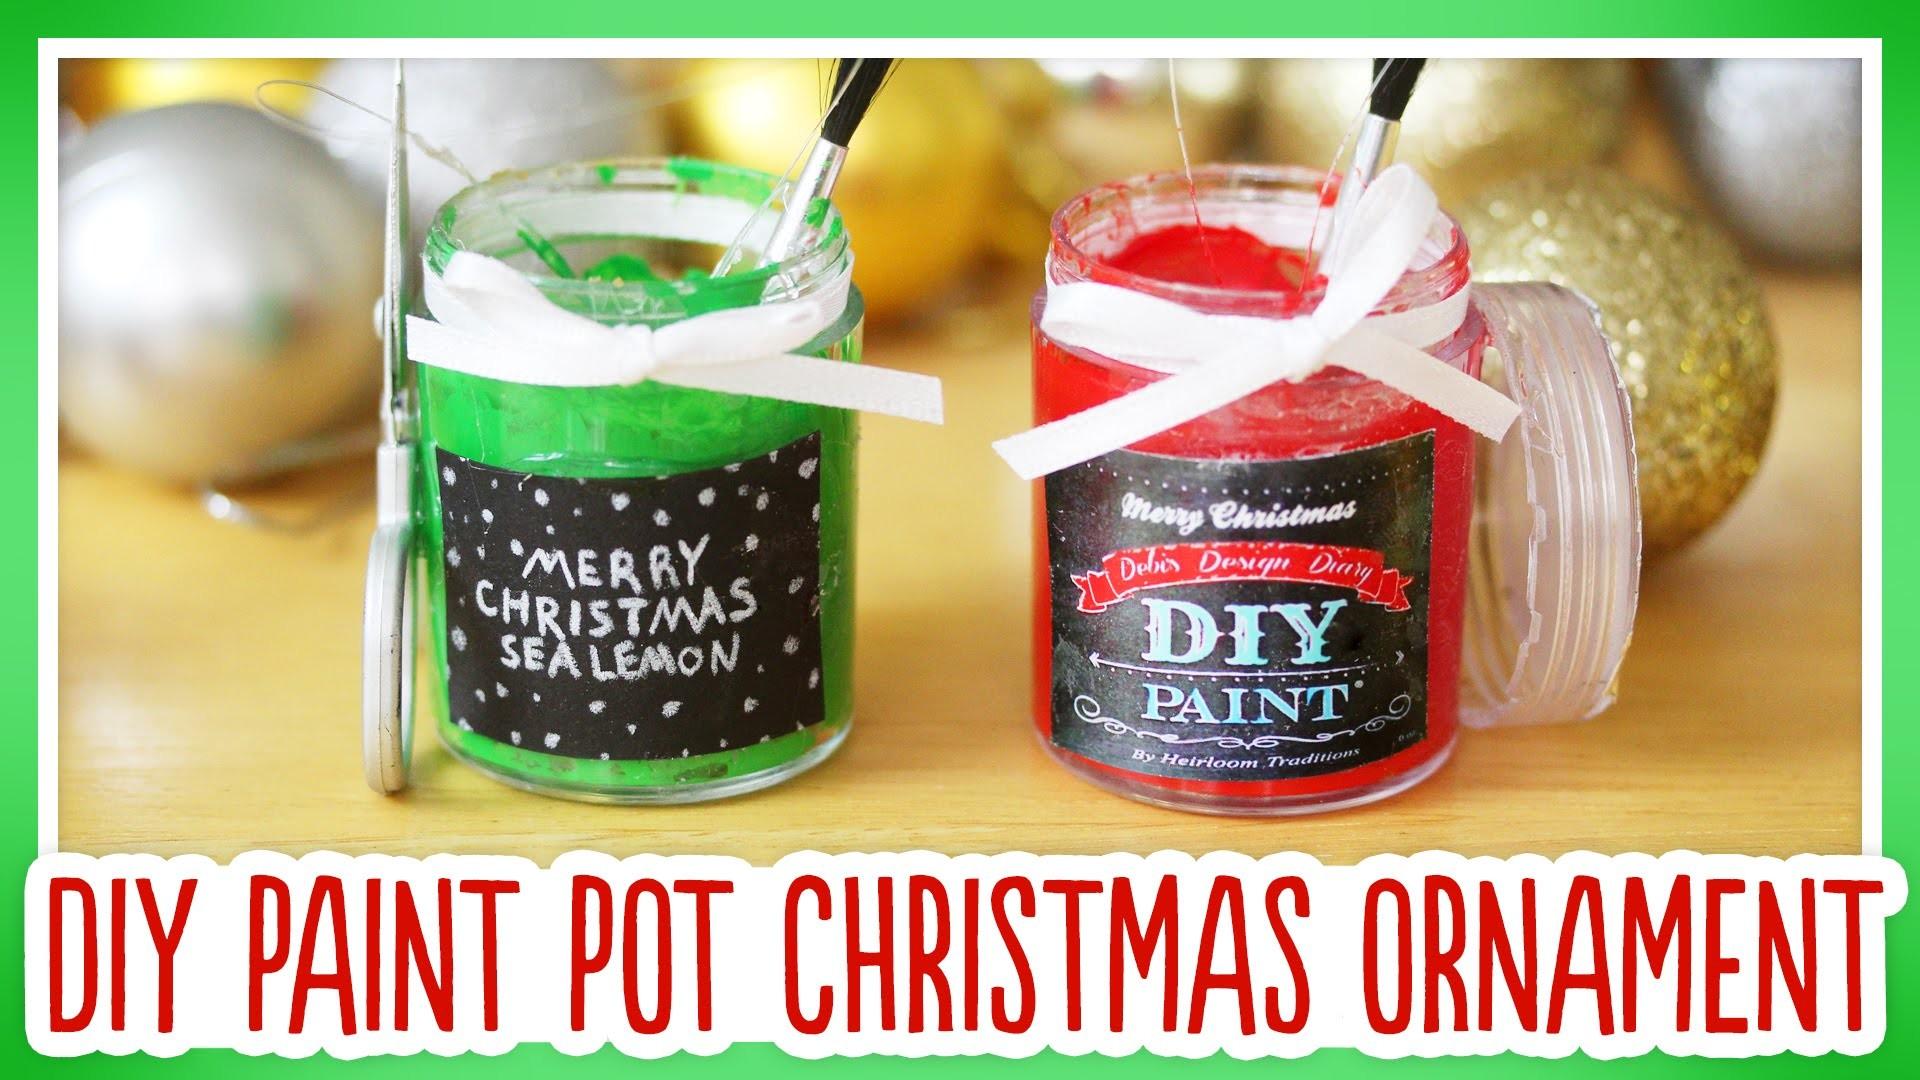 DIY Paint Pot Christmas Ornament: Ornament Exchange